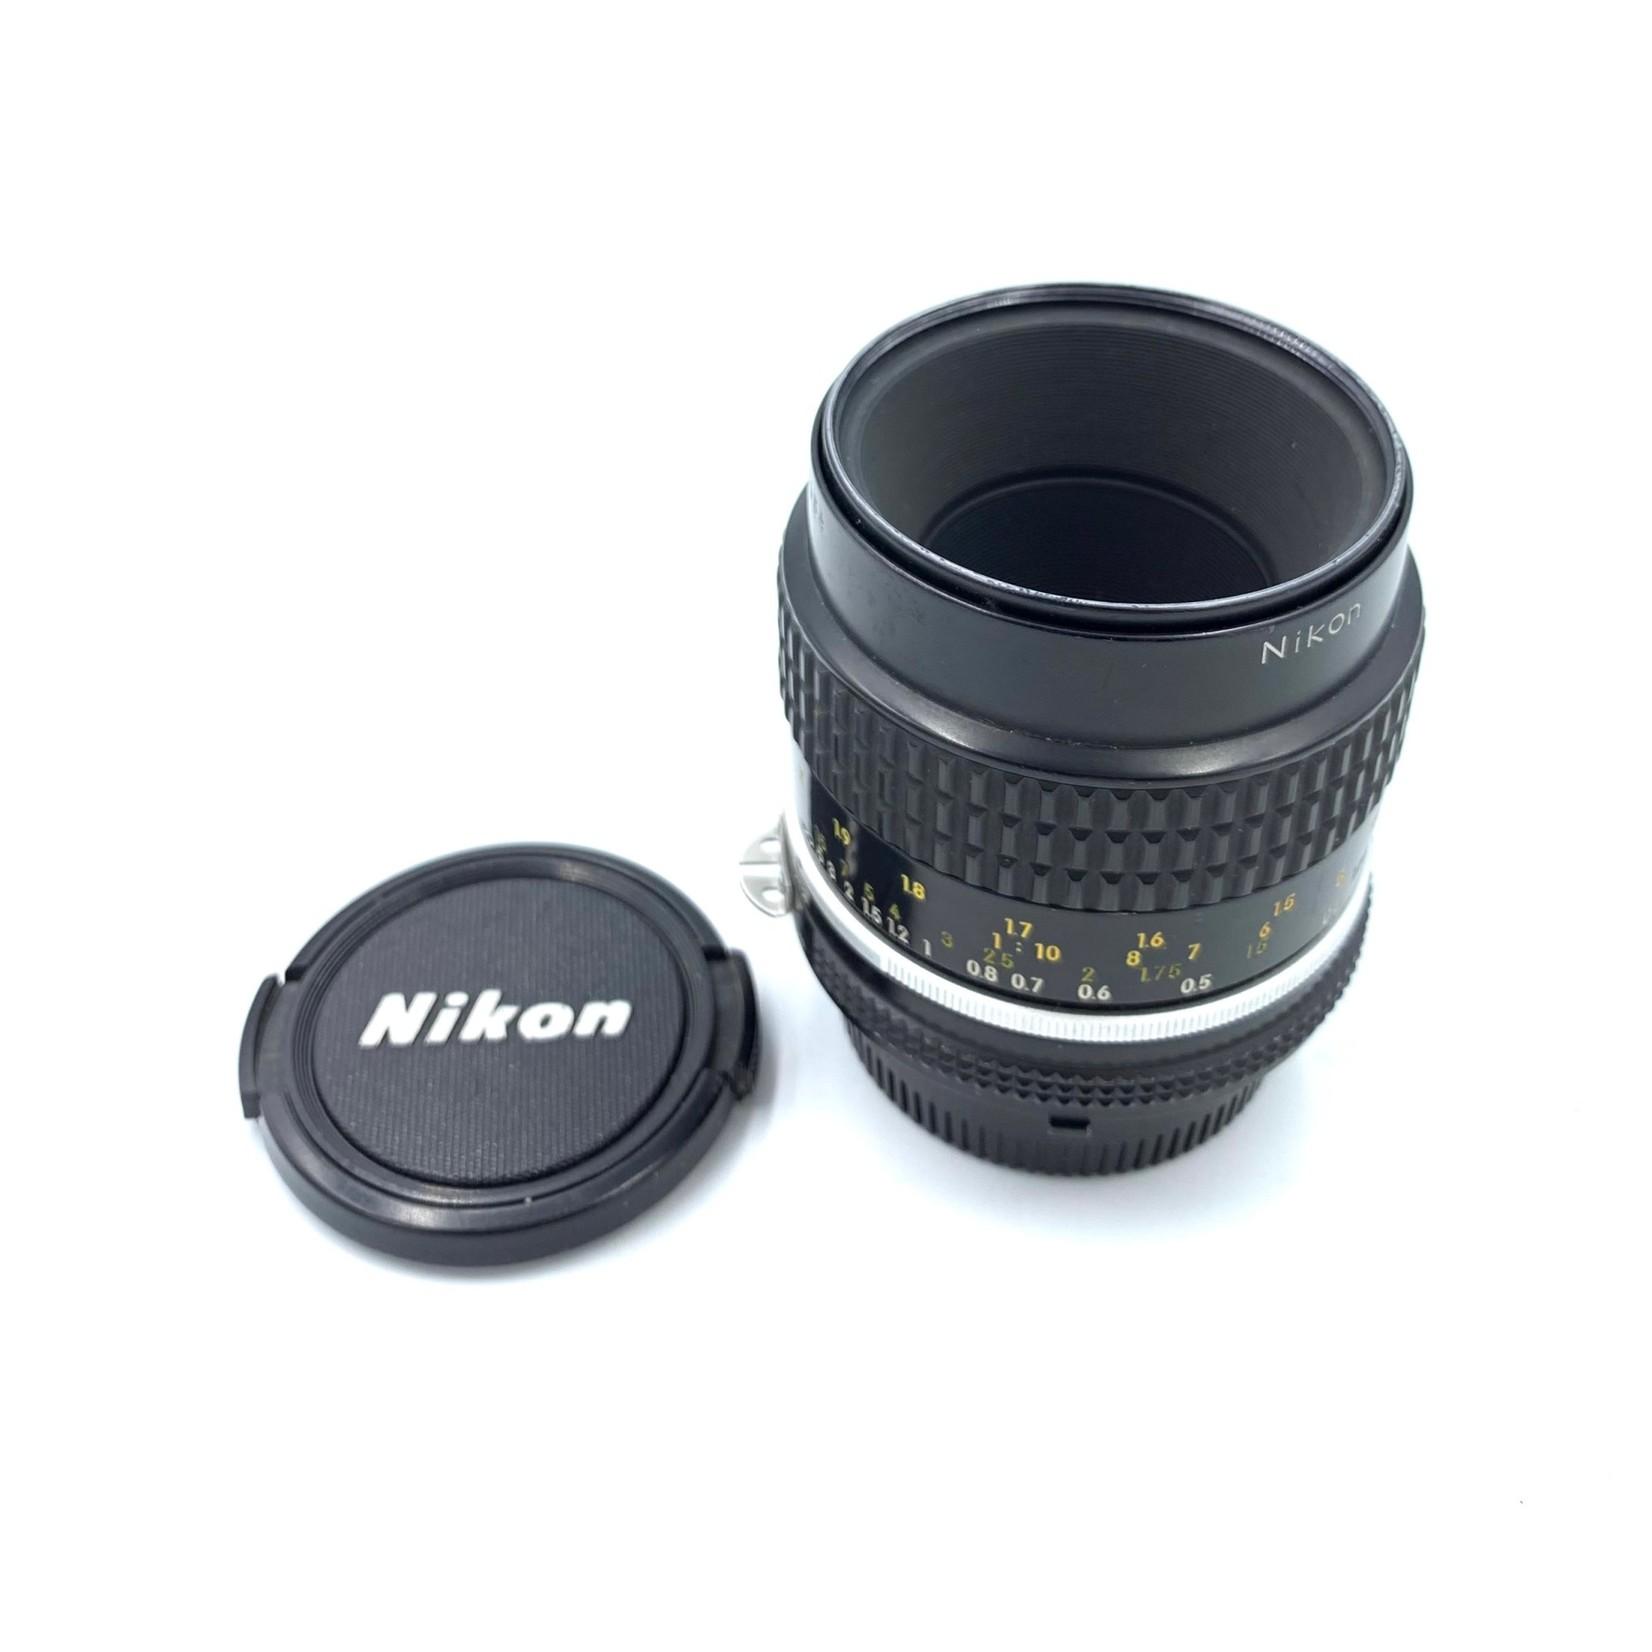 Nikon USED Nikon Micro 55mm f/2.8 AI-s Lens